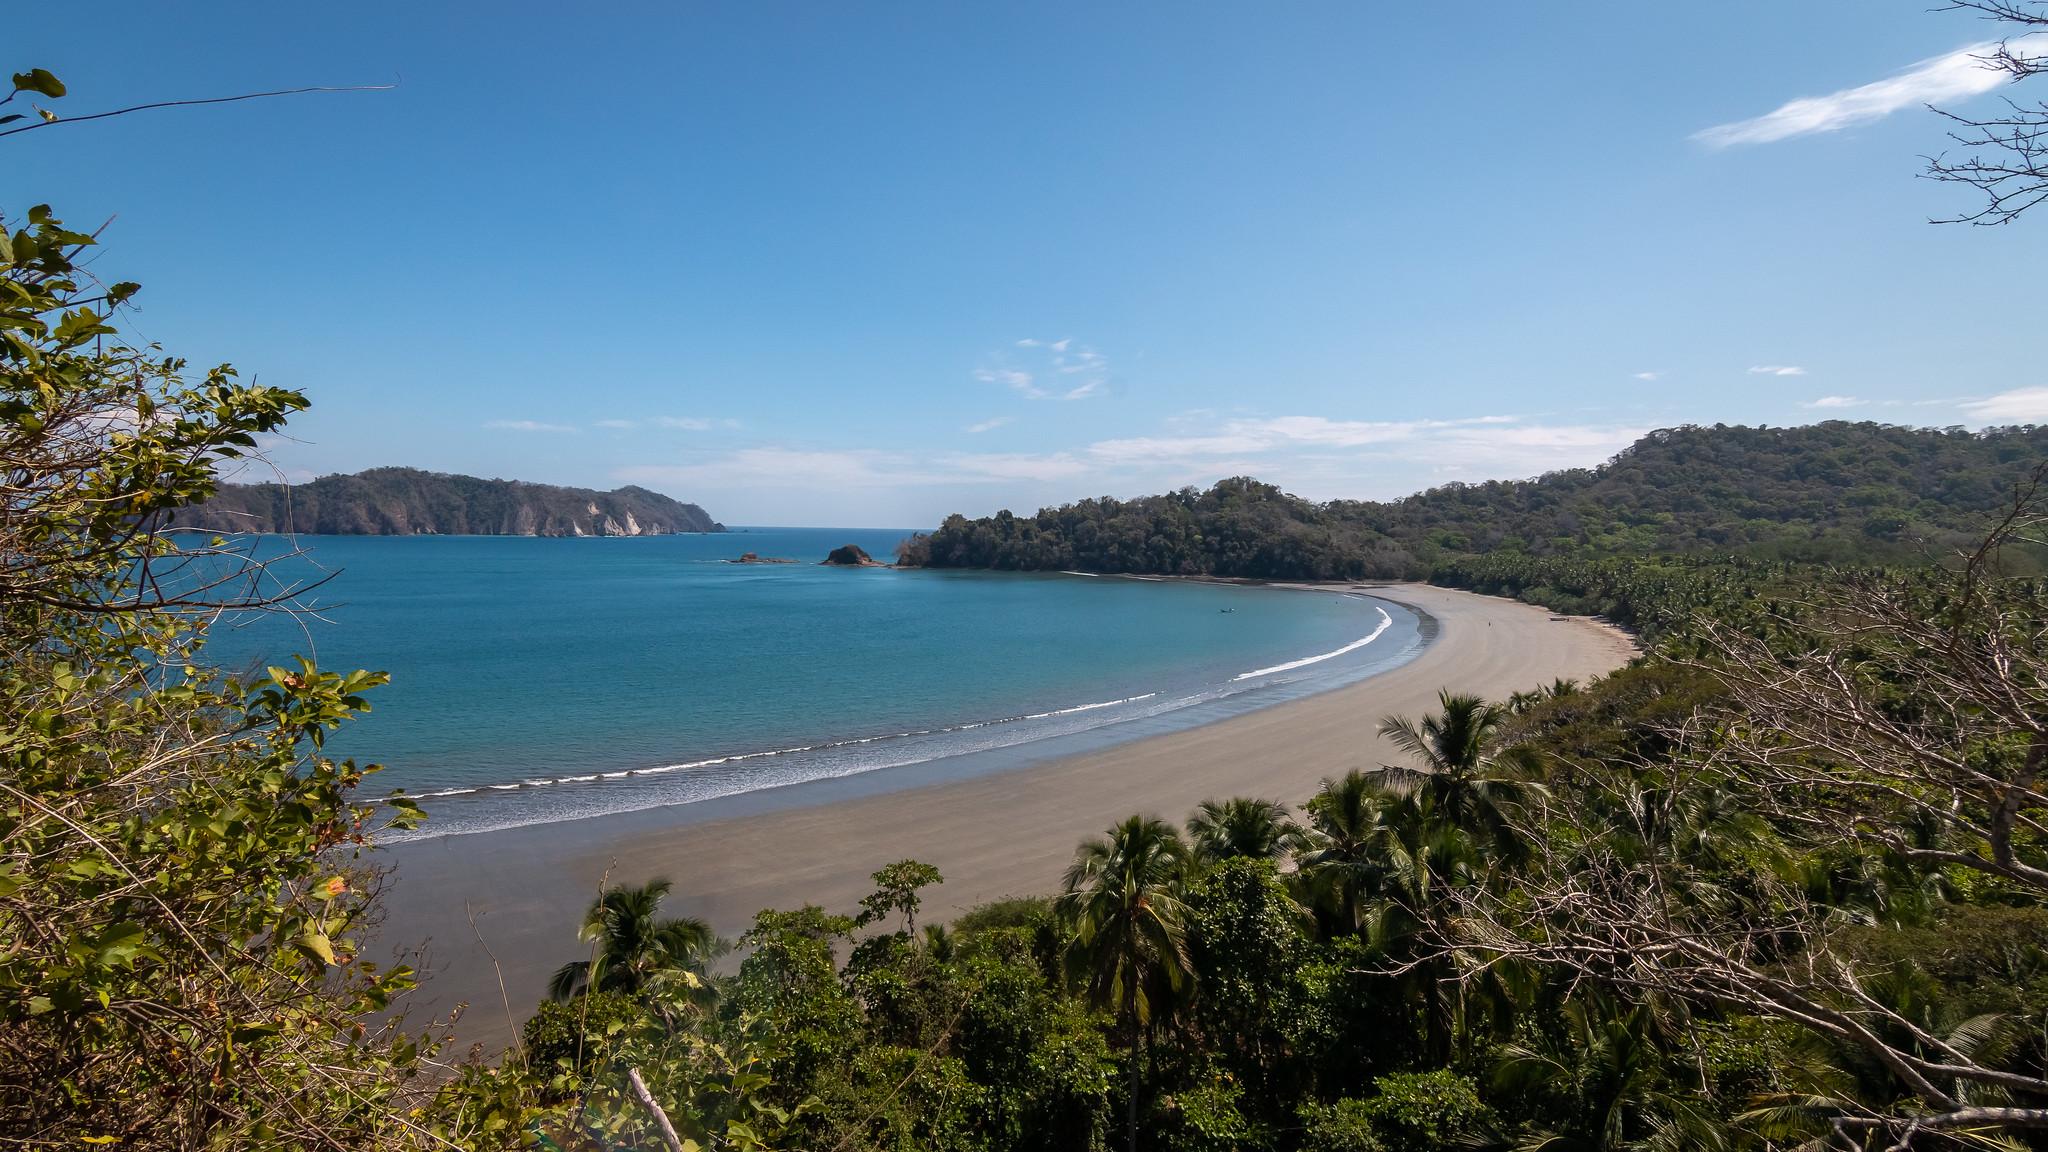 Refugio Nacional Curú - [Costa Rica]